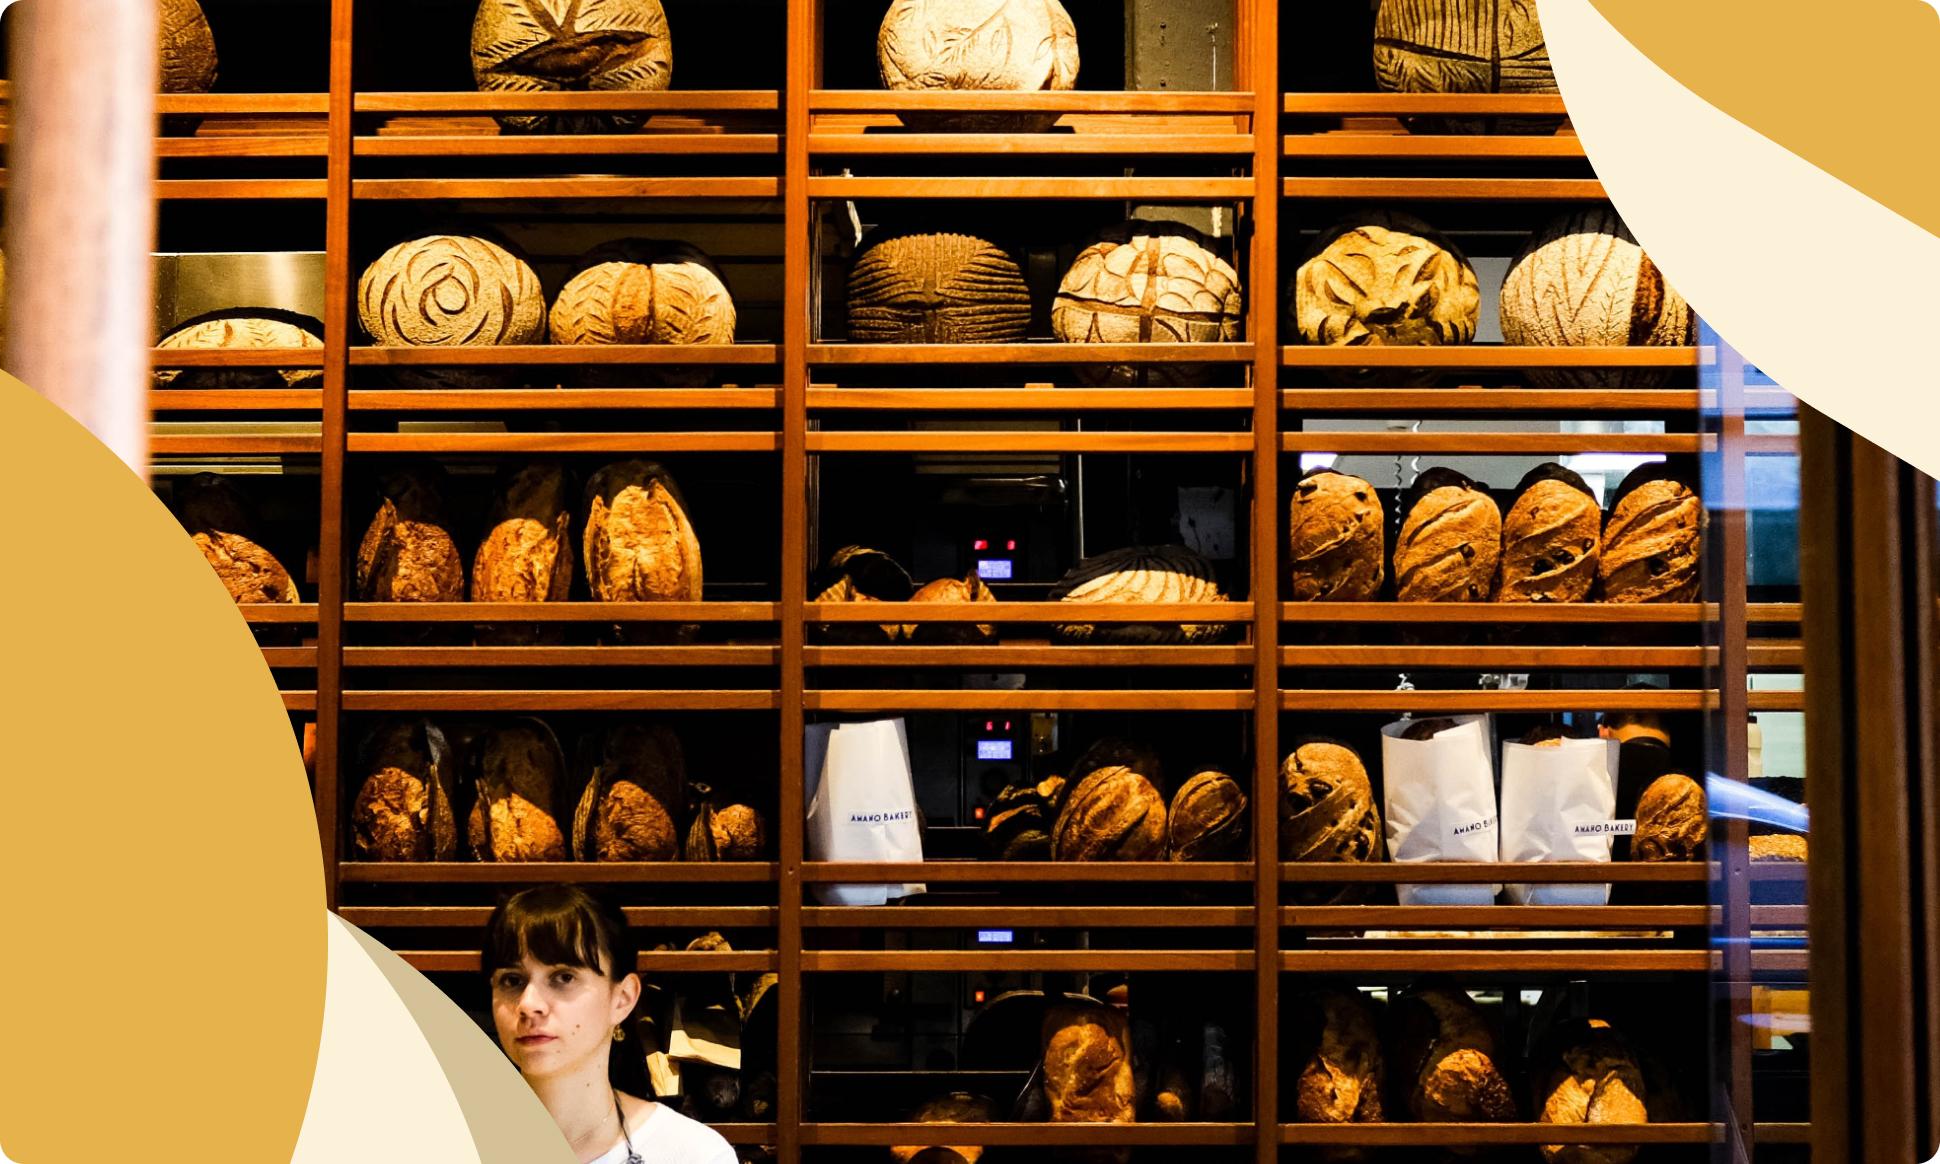 Heures de travail légales en boulangerie